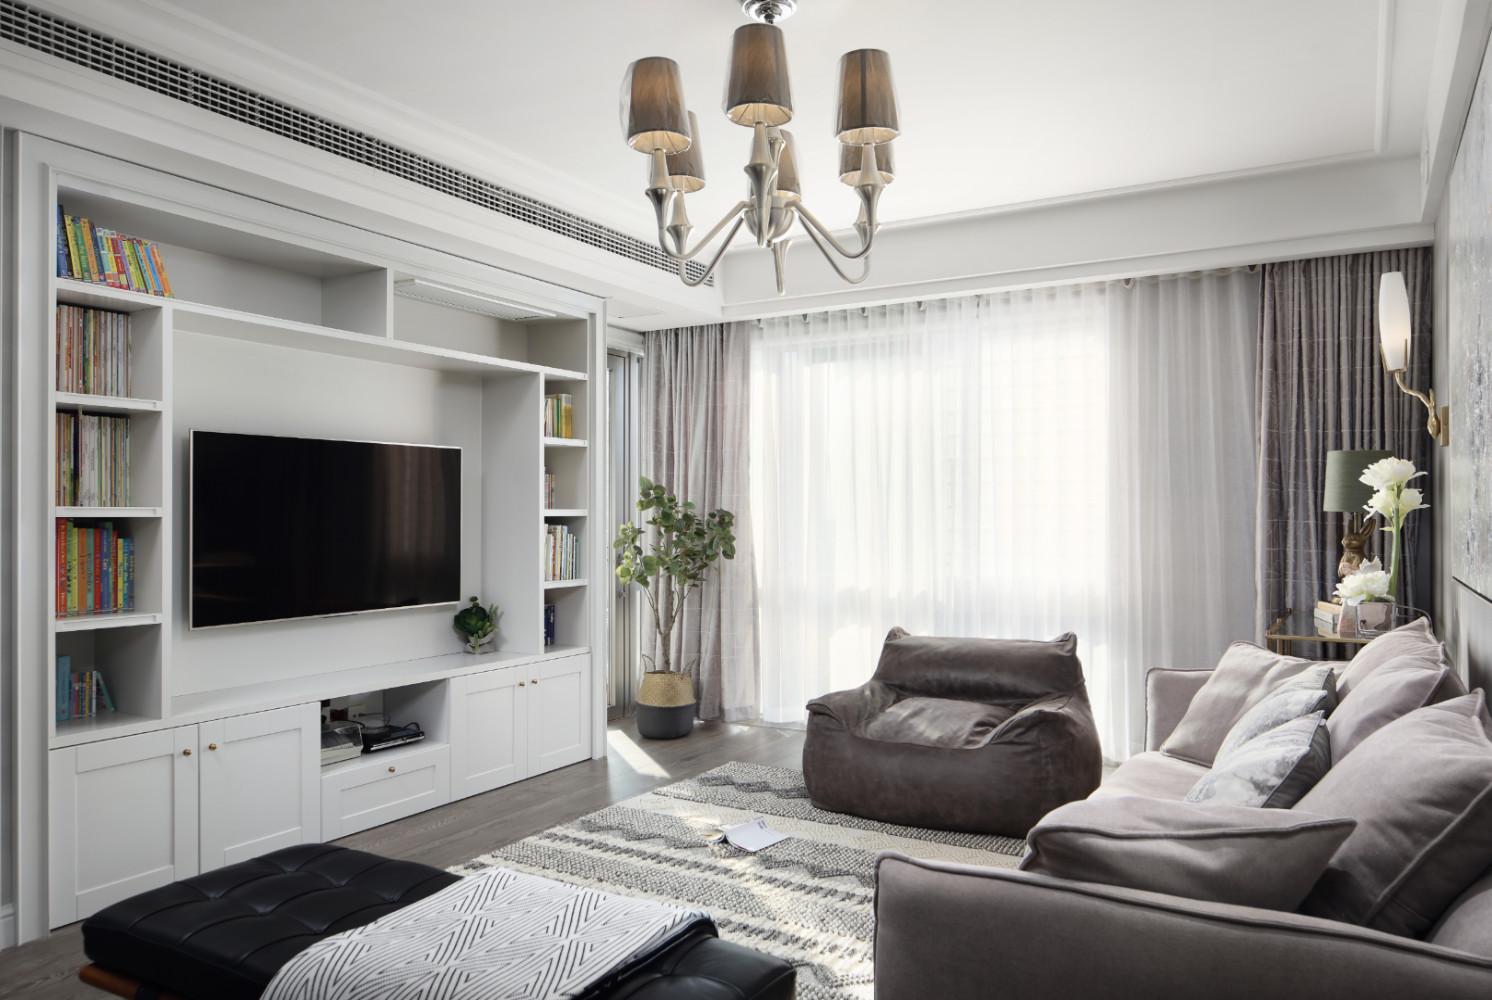 130㎡现代美式装修客厅效果图